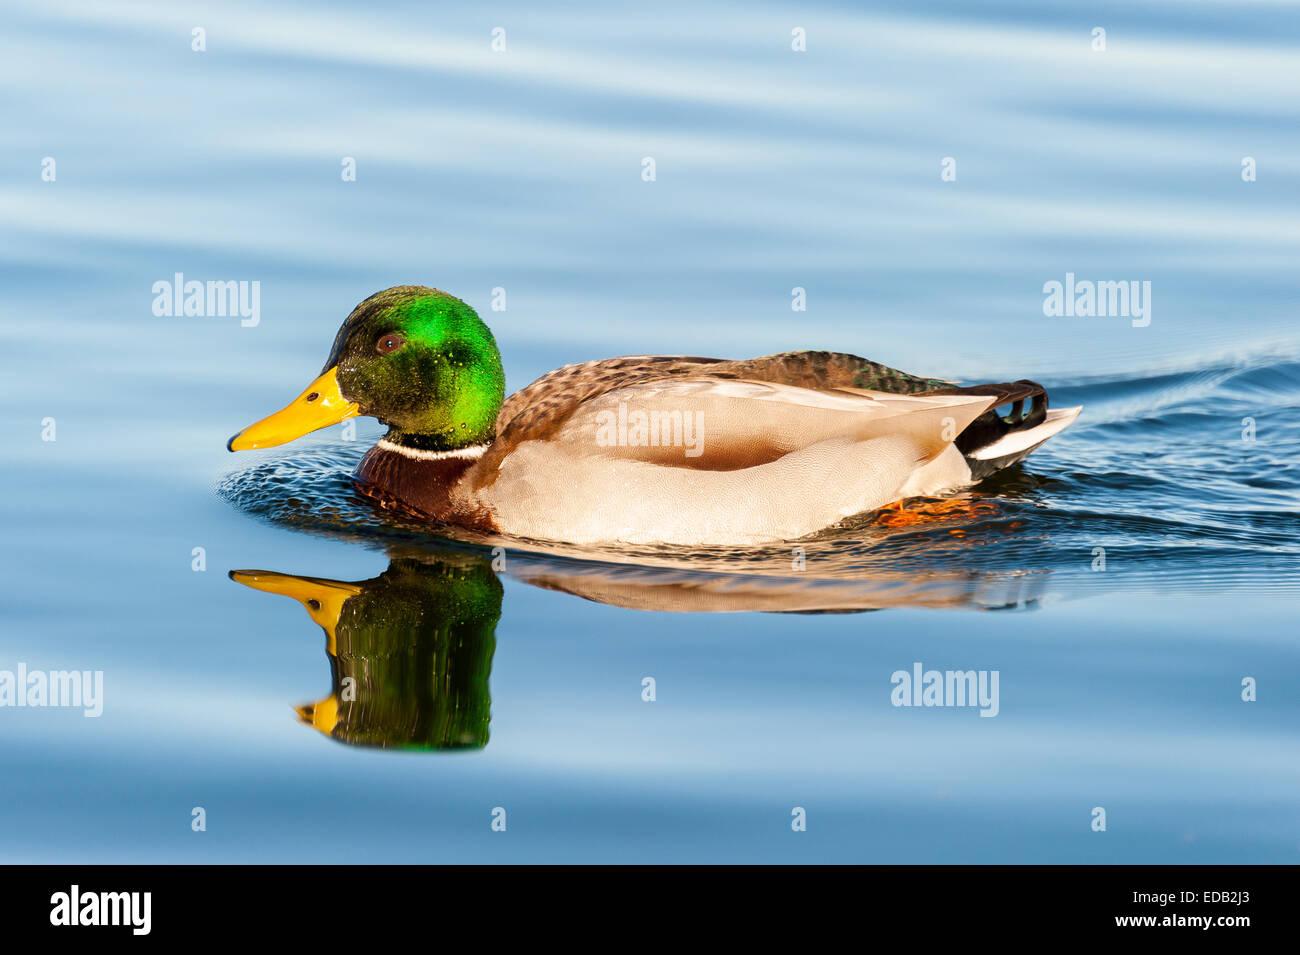 Exemple de mâle canard colvert adultes natation calmement dans l'eau d'un lac bleu Photo Stock